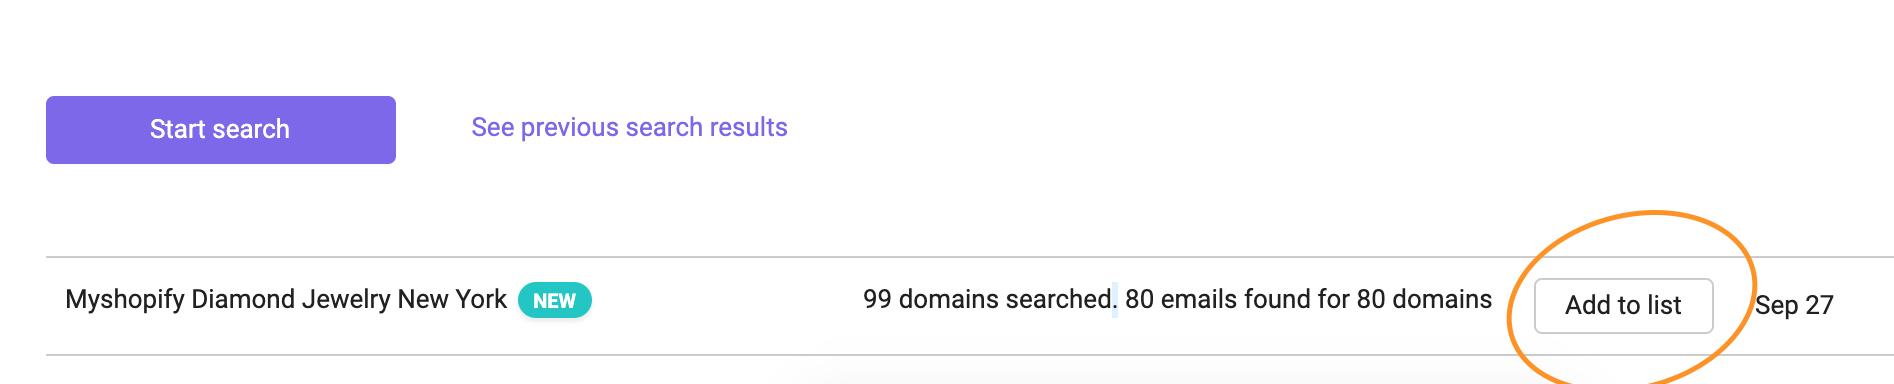 יצירת לידים מחיפוש של גוגל 4